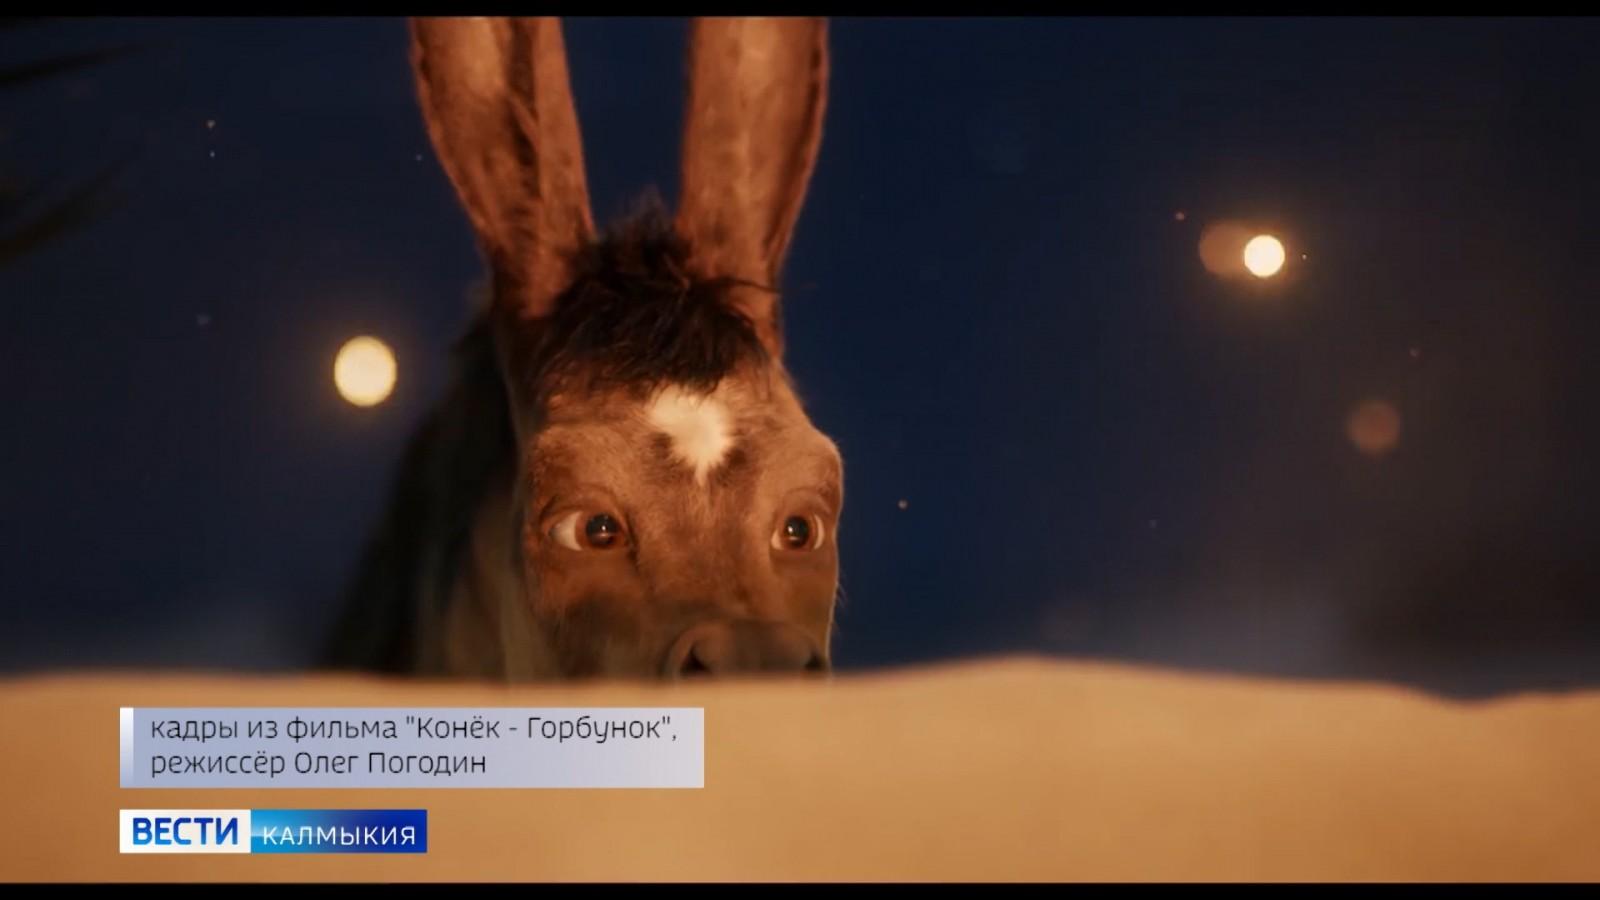 На большие экраны страны вышла сказка «Конёк-Горбунок» по мотивам произведения Петра Ершова